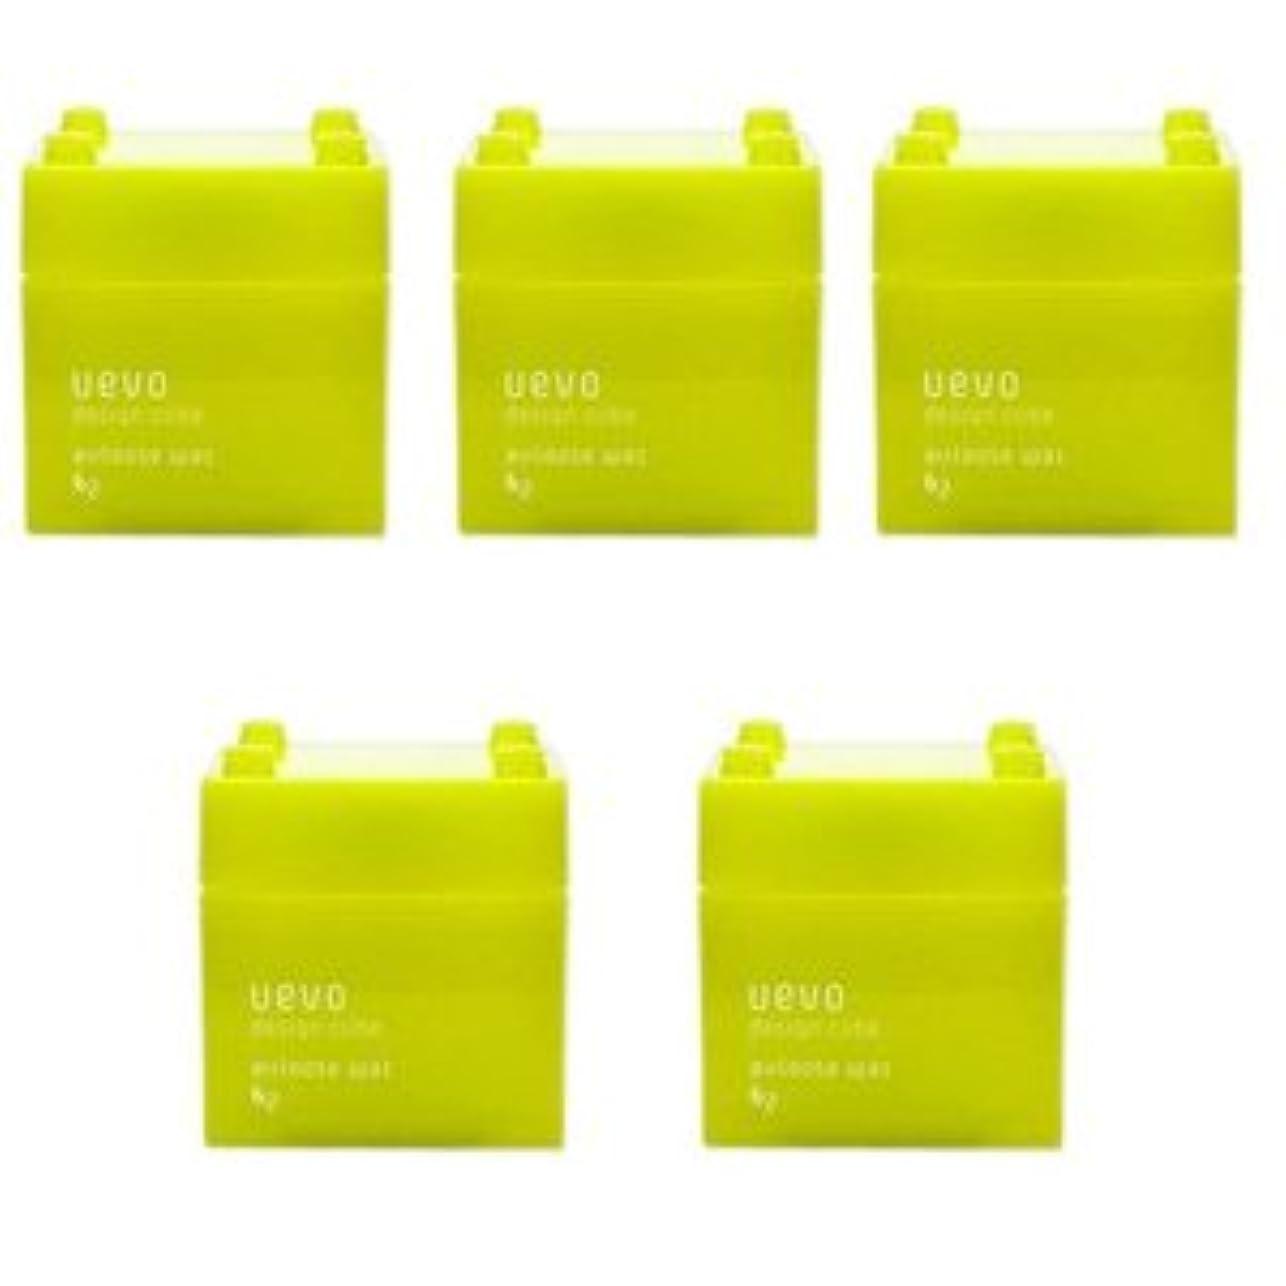 致死明らかに年金受給者【X5個セット】 デミ ウェーボ デザインキューブ エアルーズワックス 80g airloose wax DEMI uevo design cube